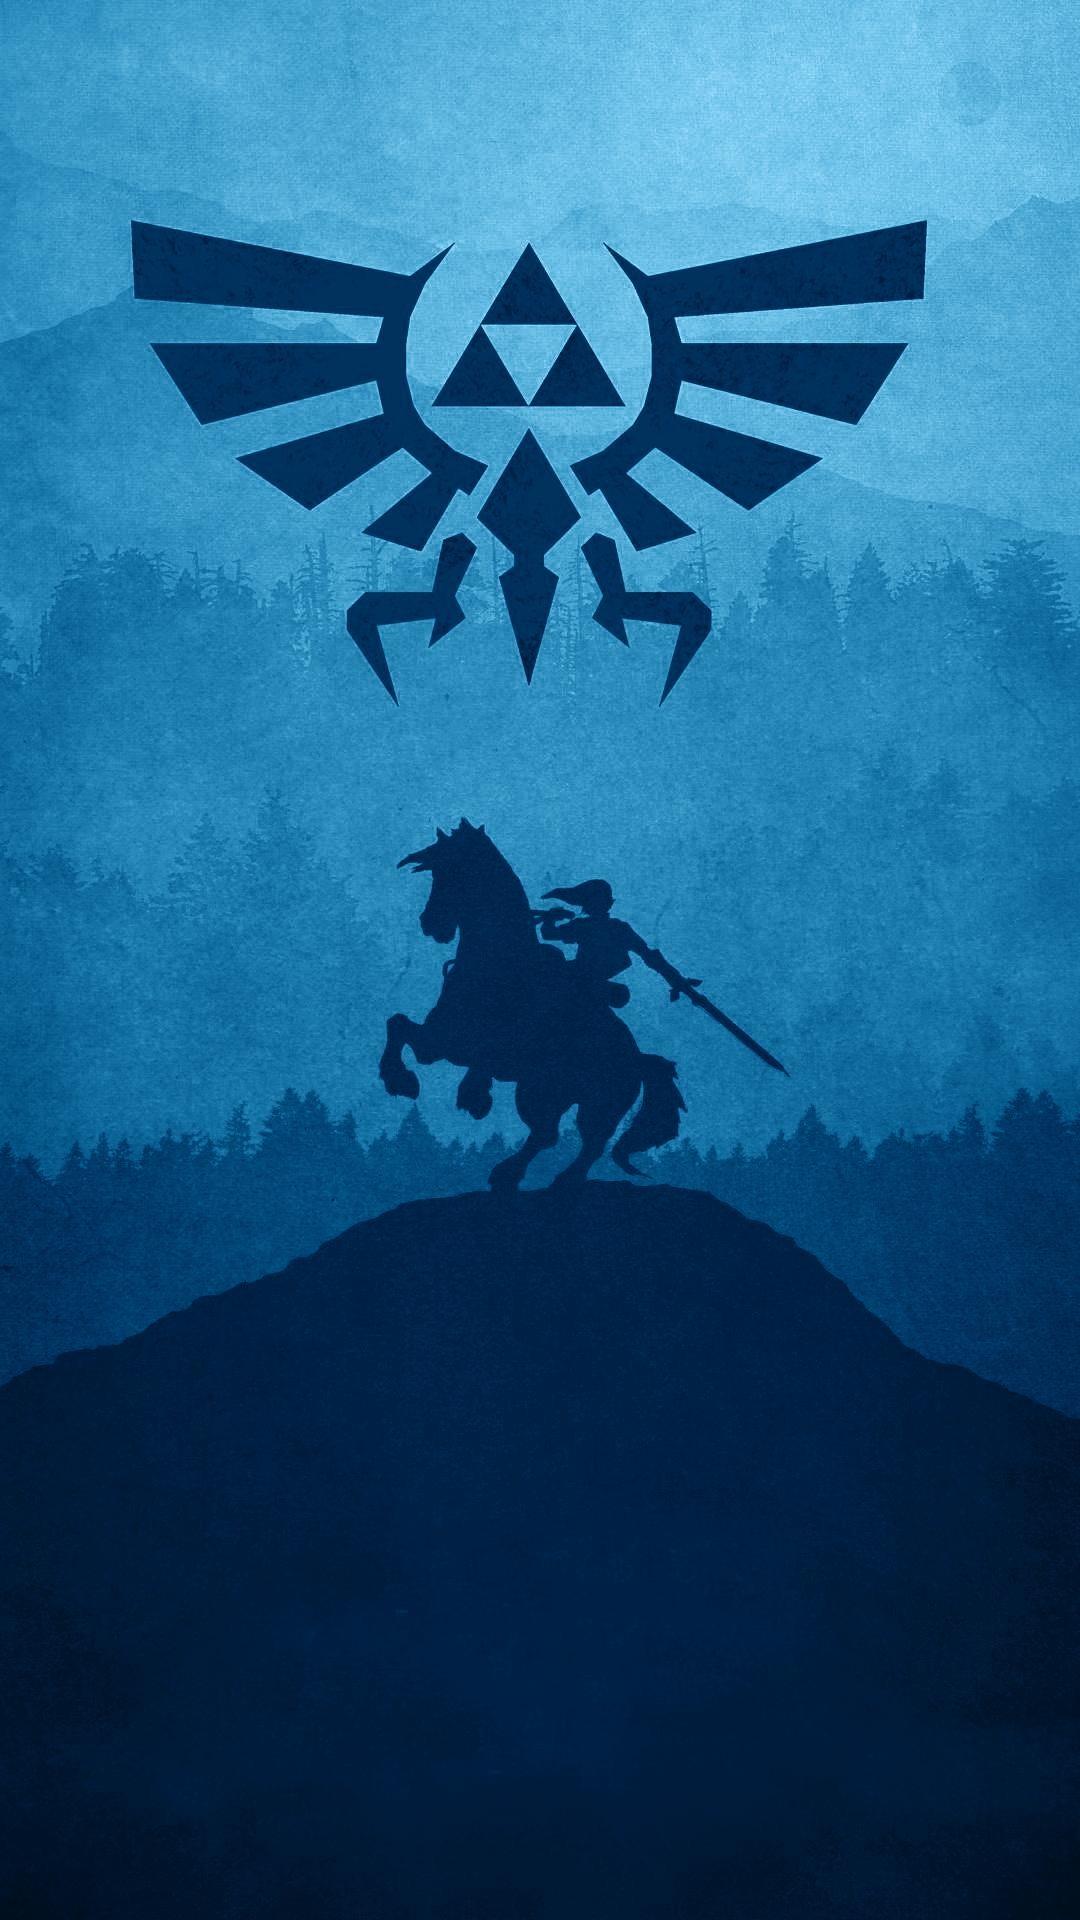 1080x1920 IPhone The Legend Of Zelda Wallpapers HD Desktop Backgrounds